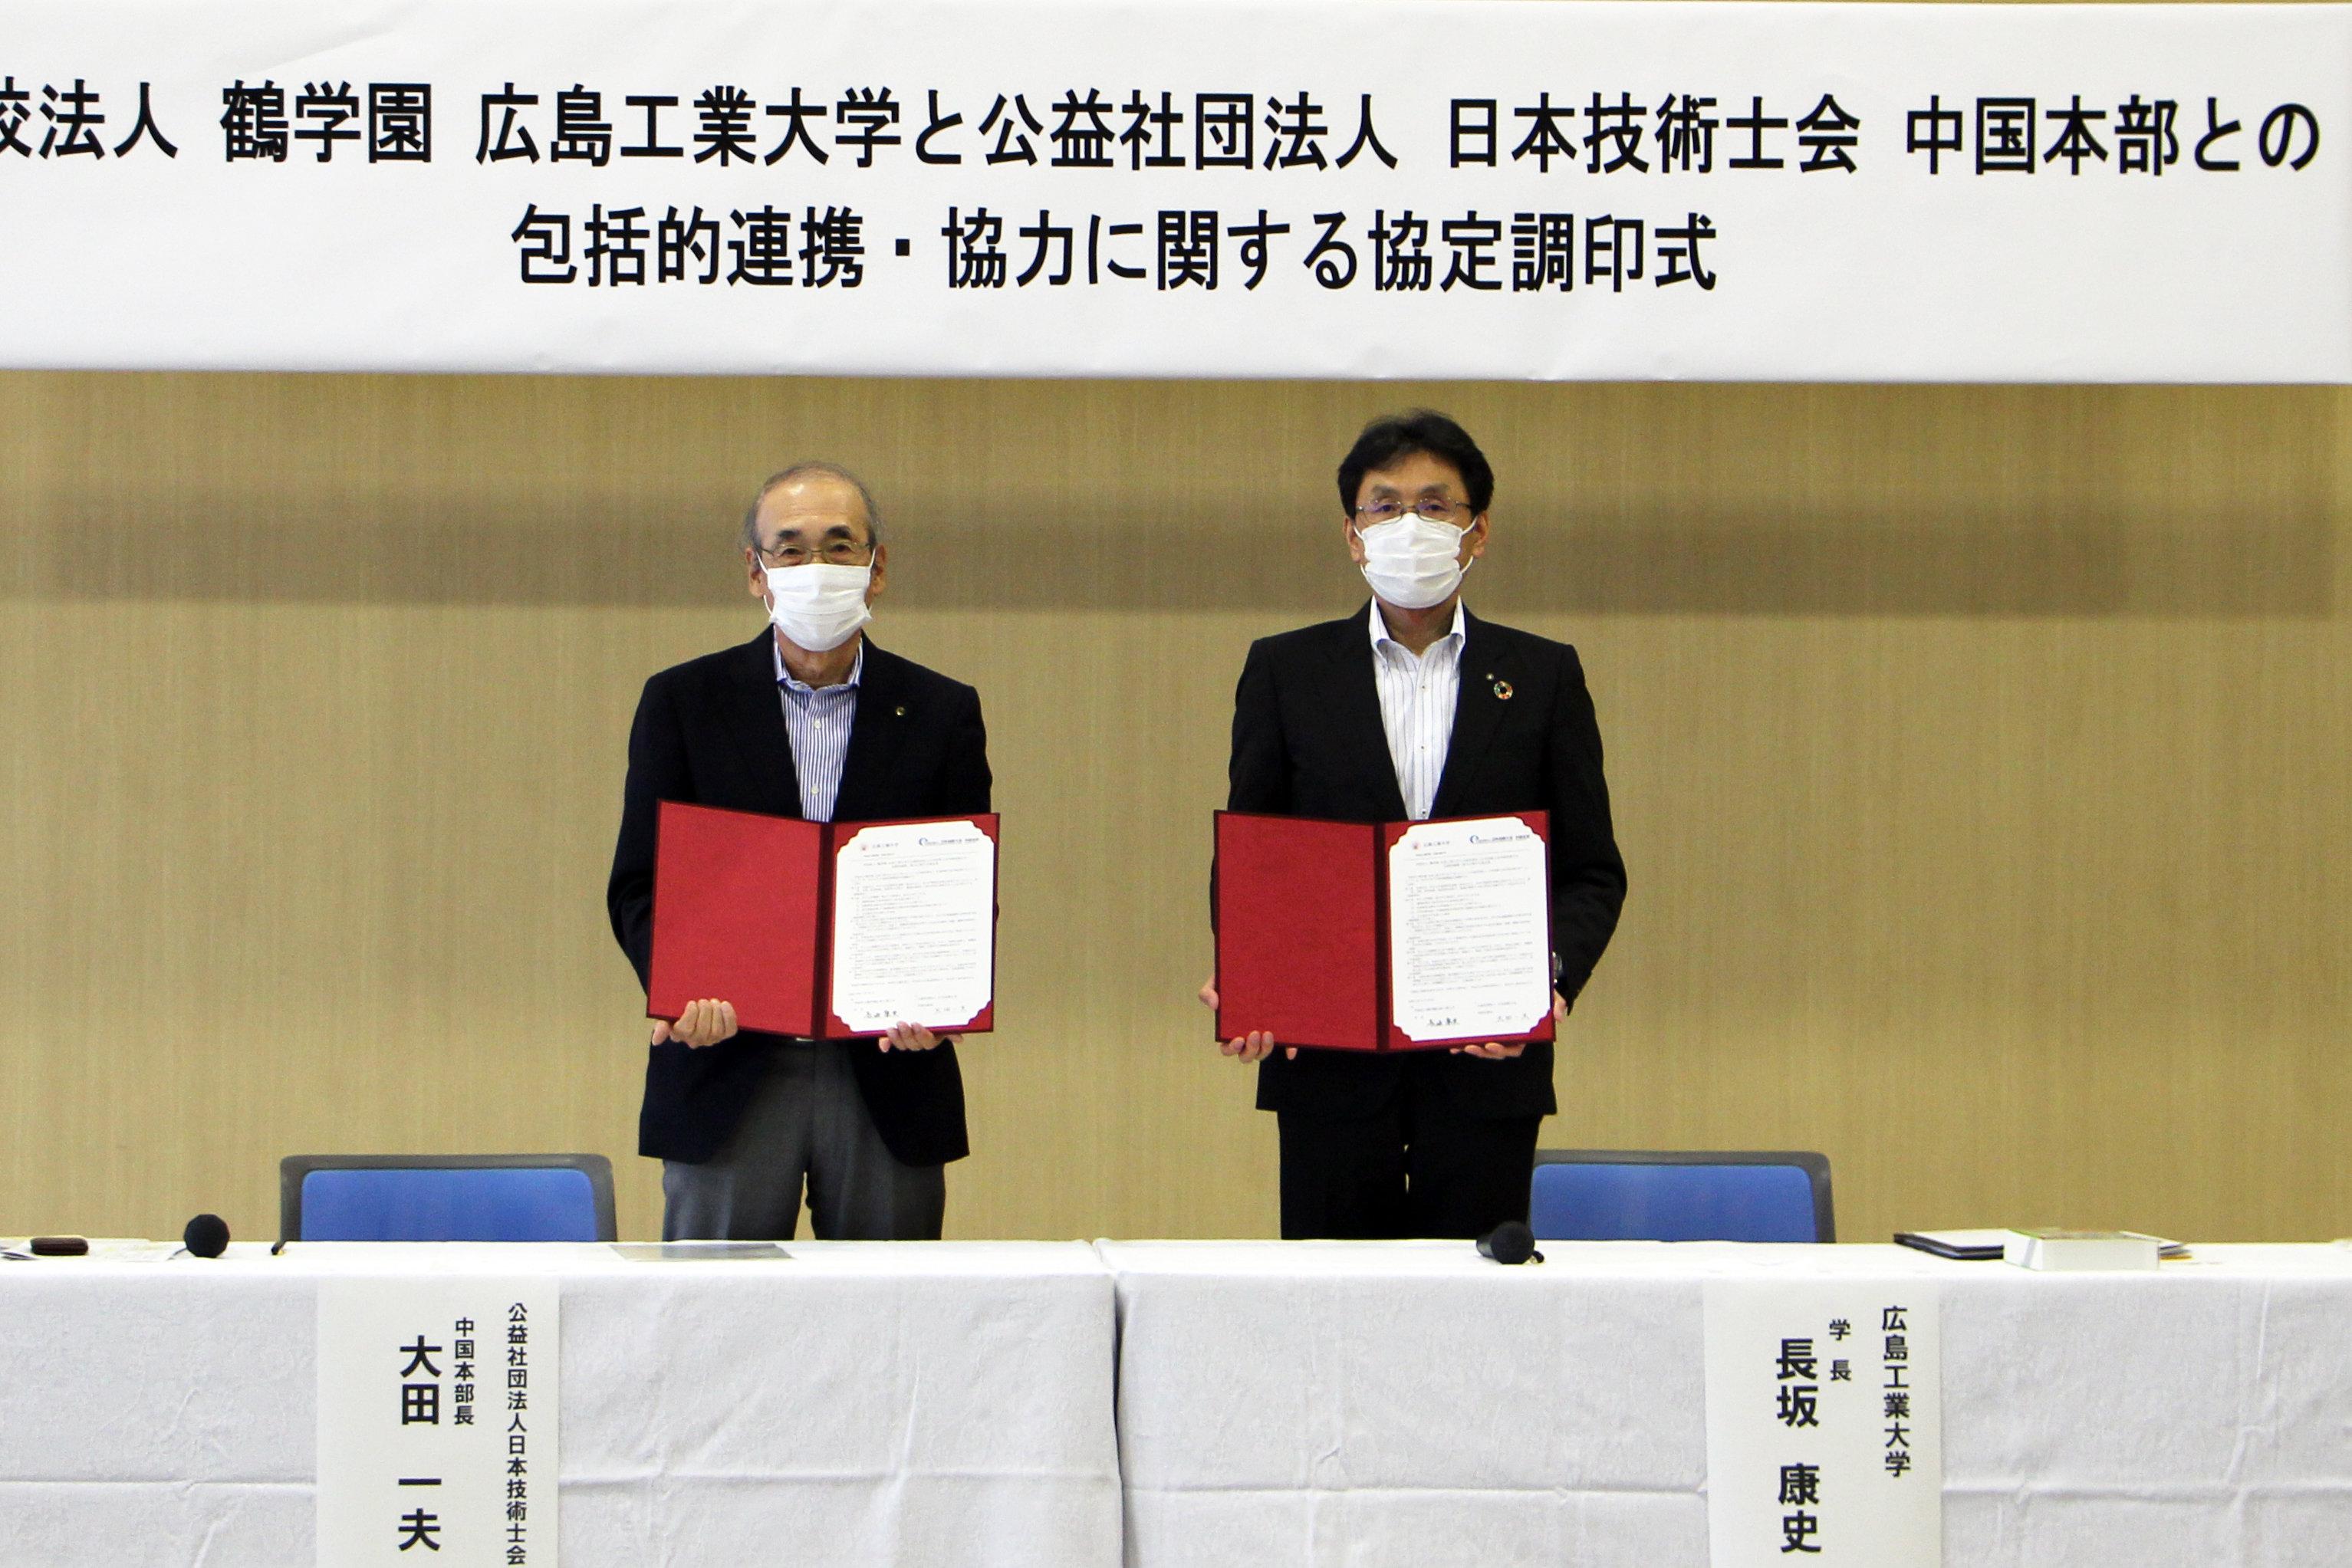 協定書を掲げる大田中国本部長と長坂学長